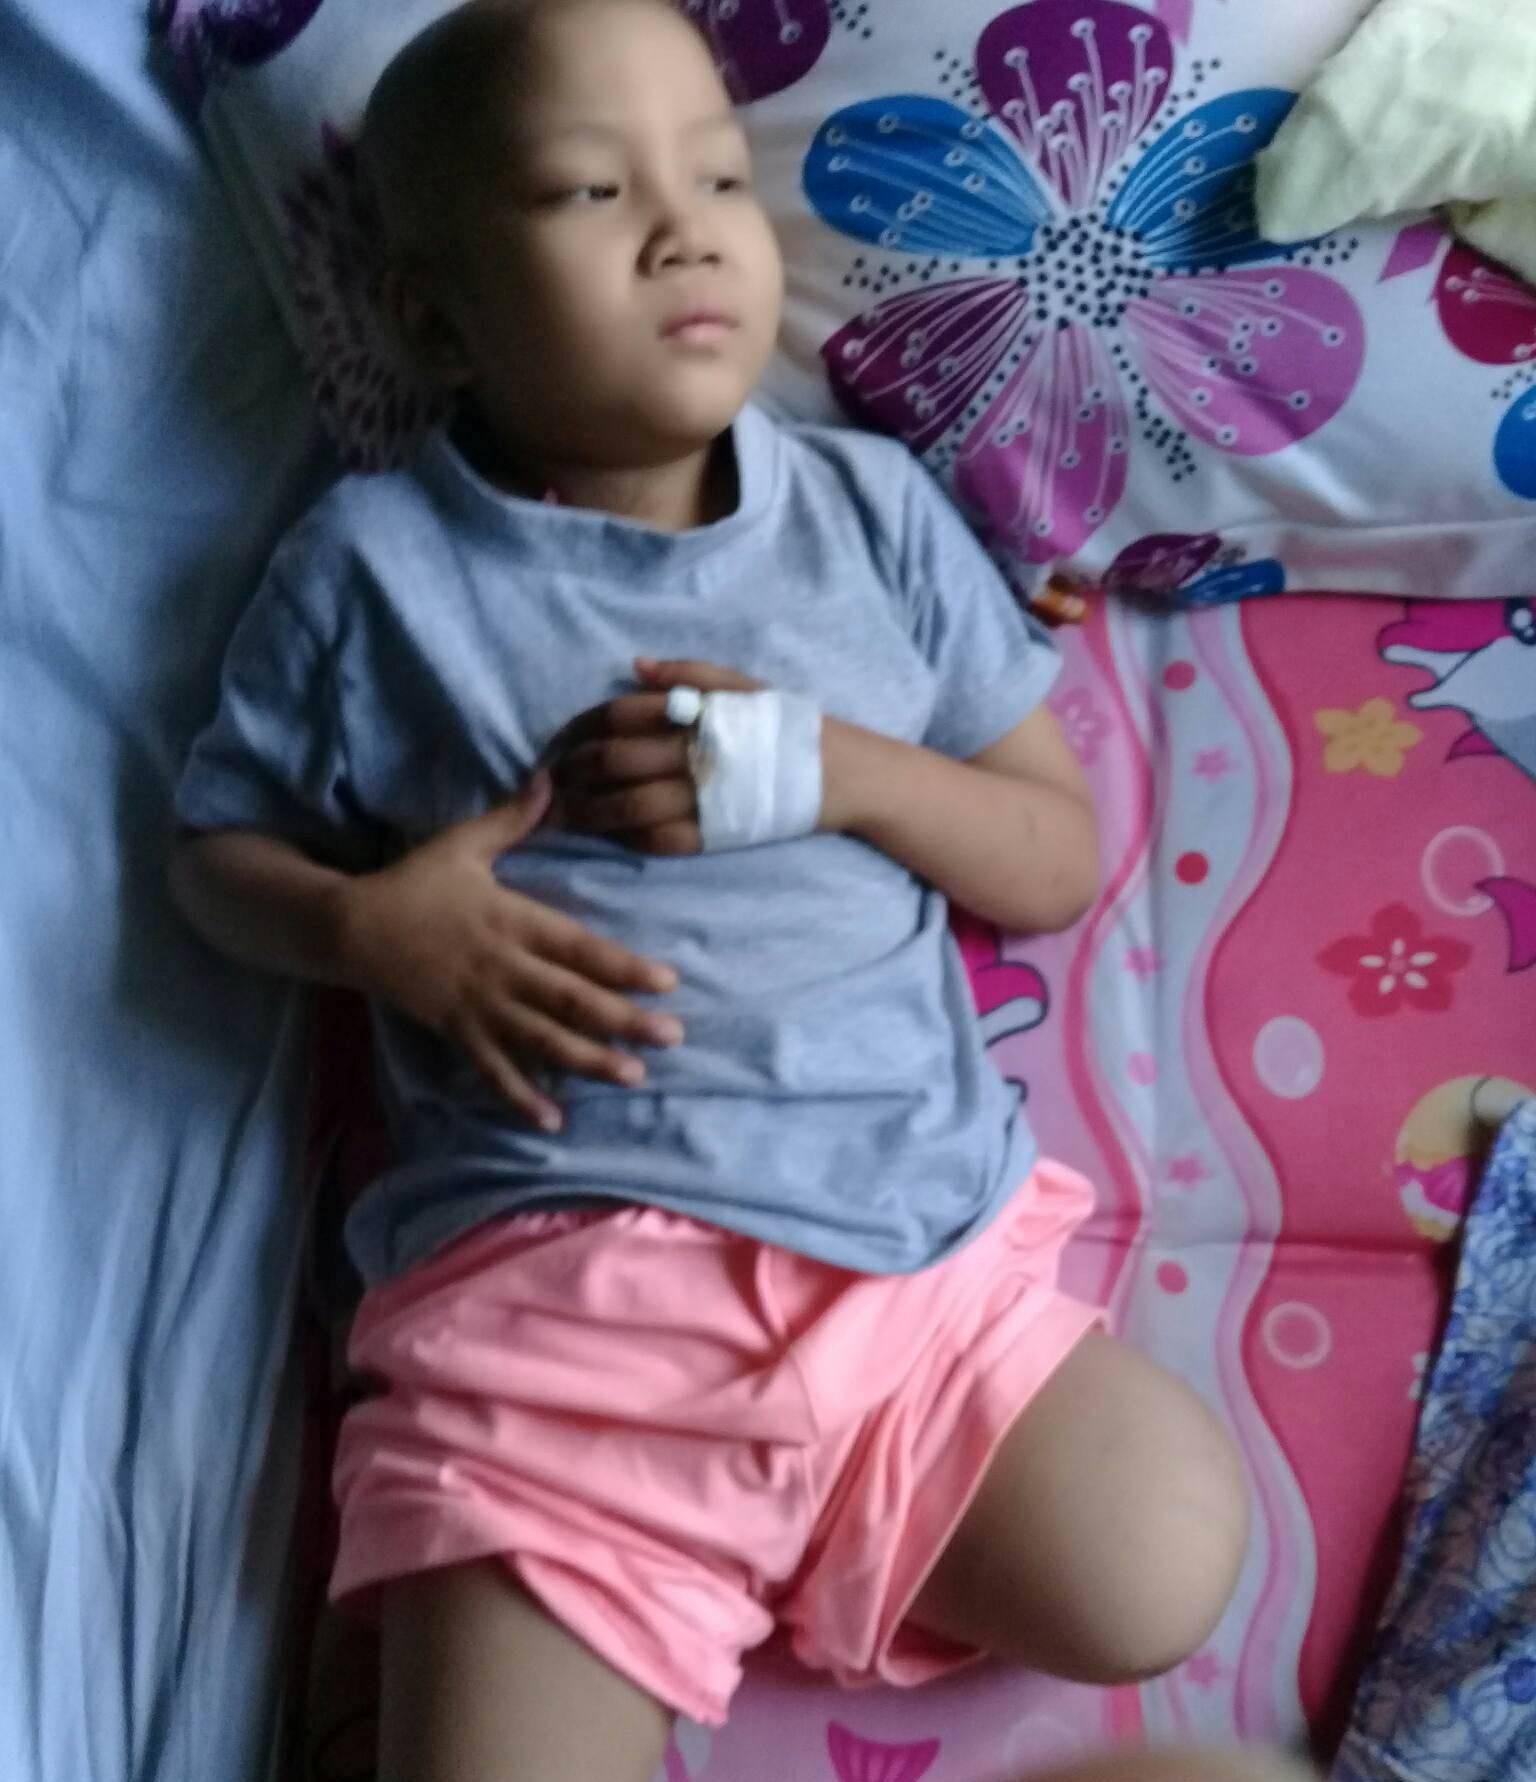 Ước mơ đến trường của cô bé mất 1 chân vì bệnh ung thư - Ảnh 6.